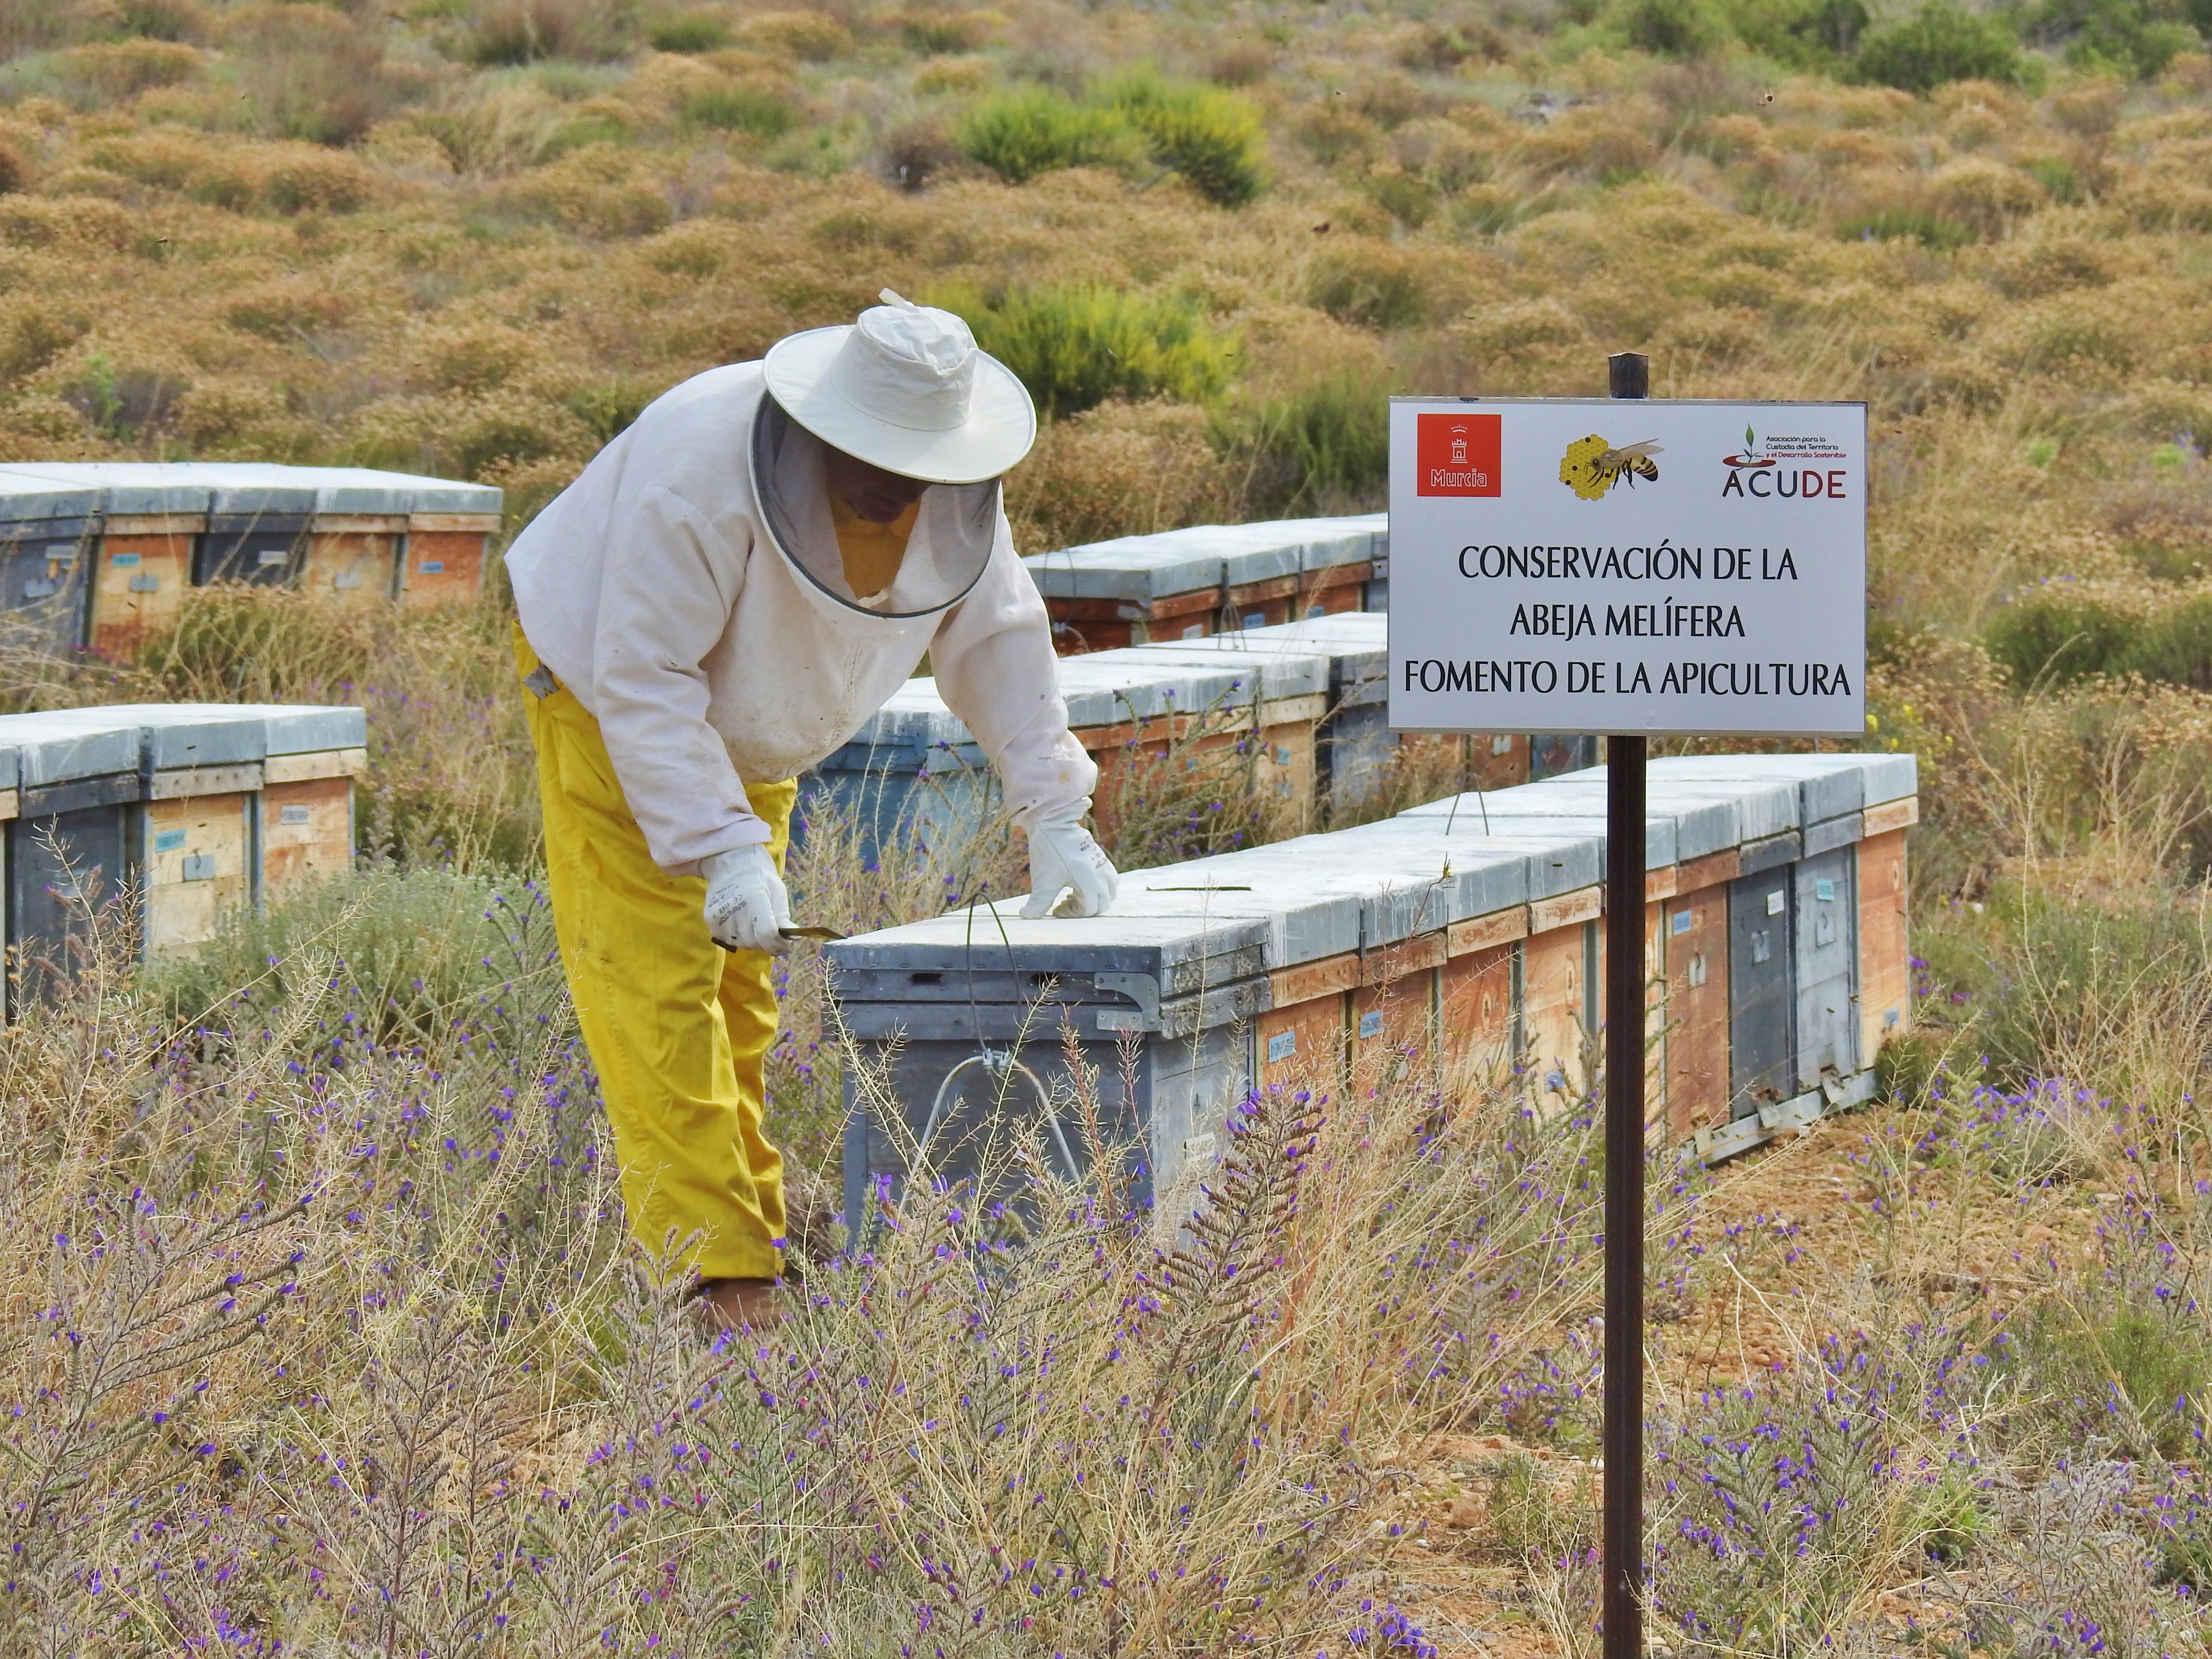 Se ha fomentado la apicultura con el mantenimiento de 300 colmenas en las fincas La Tercia y Los Santiagos. Imagen: Acude